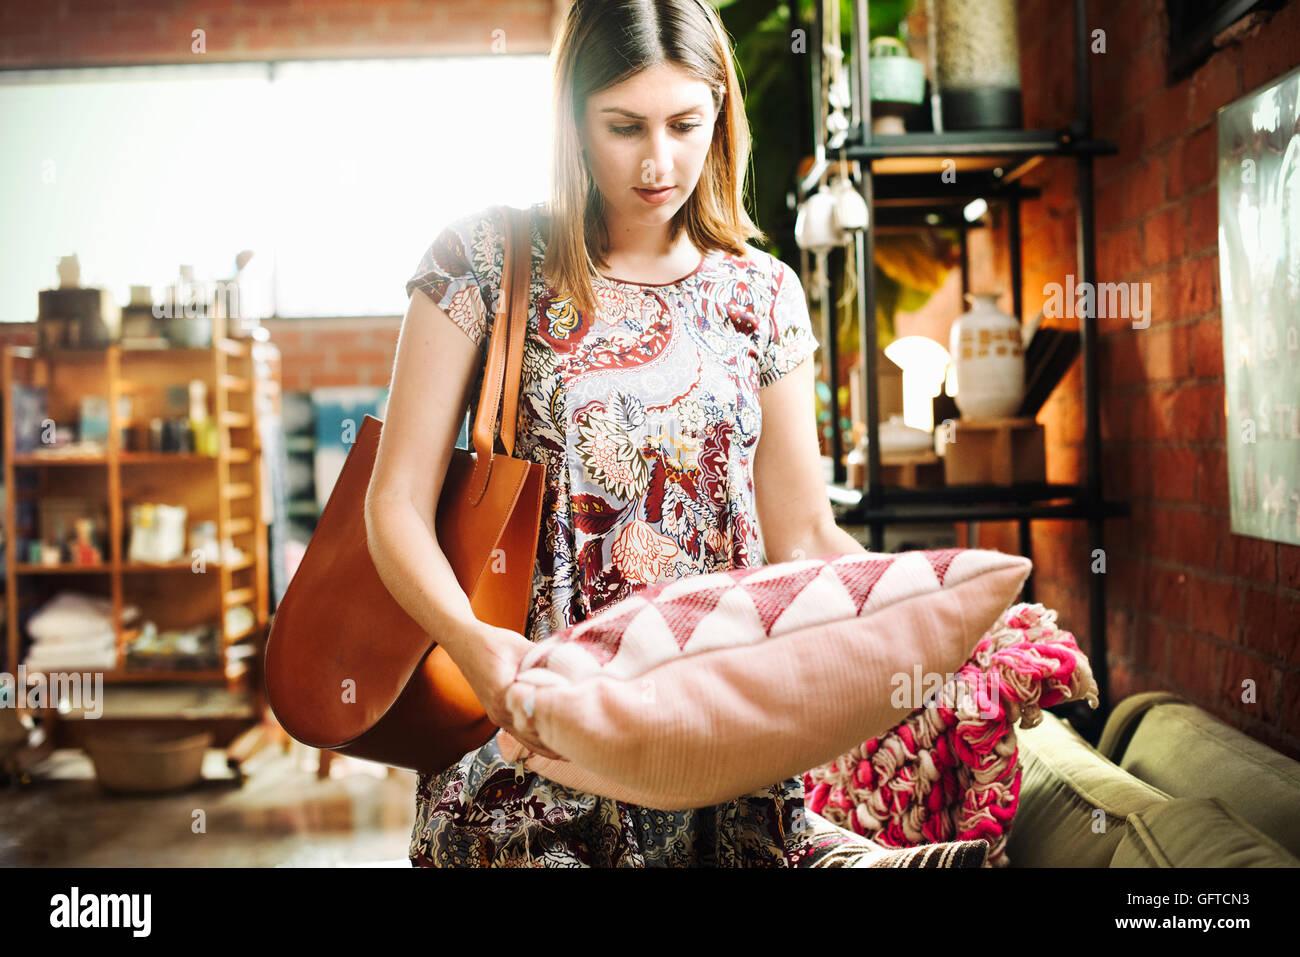 Giovane donna in piedi in un negozio tenendo un cuscino Immagini Stock